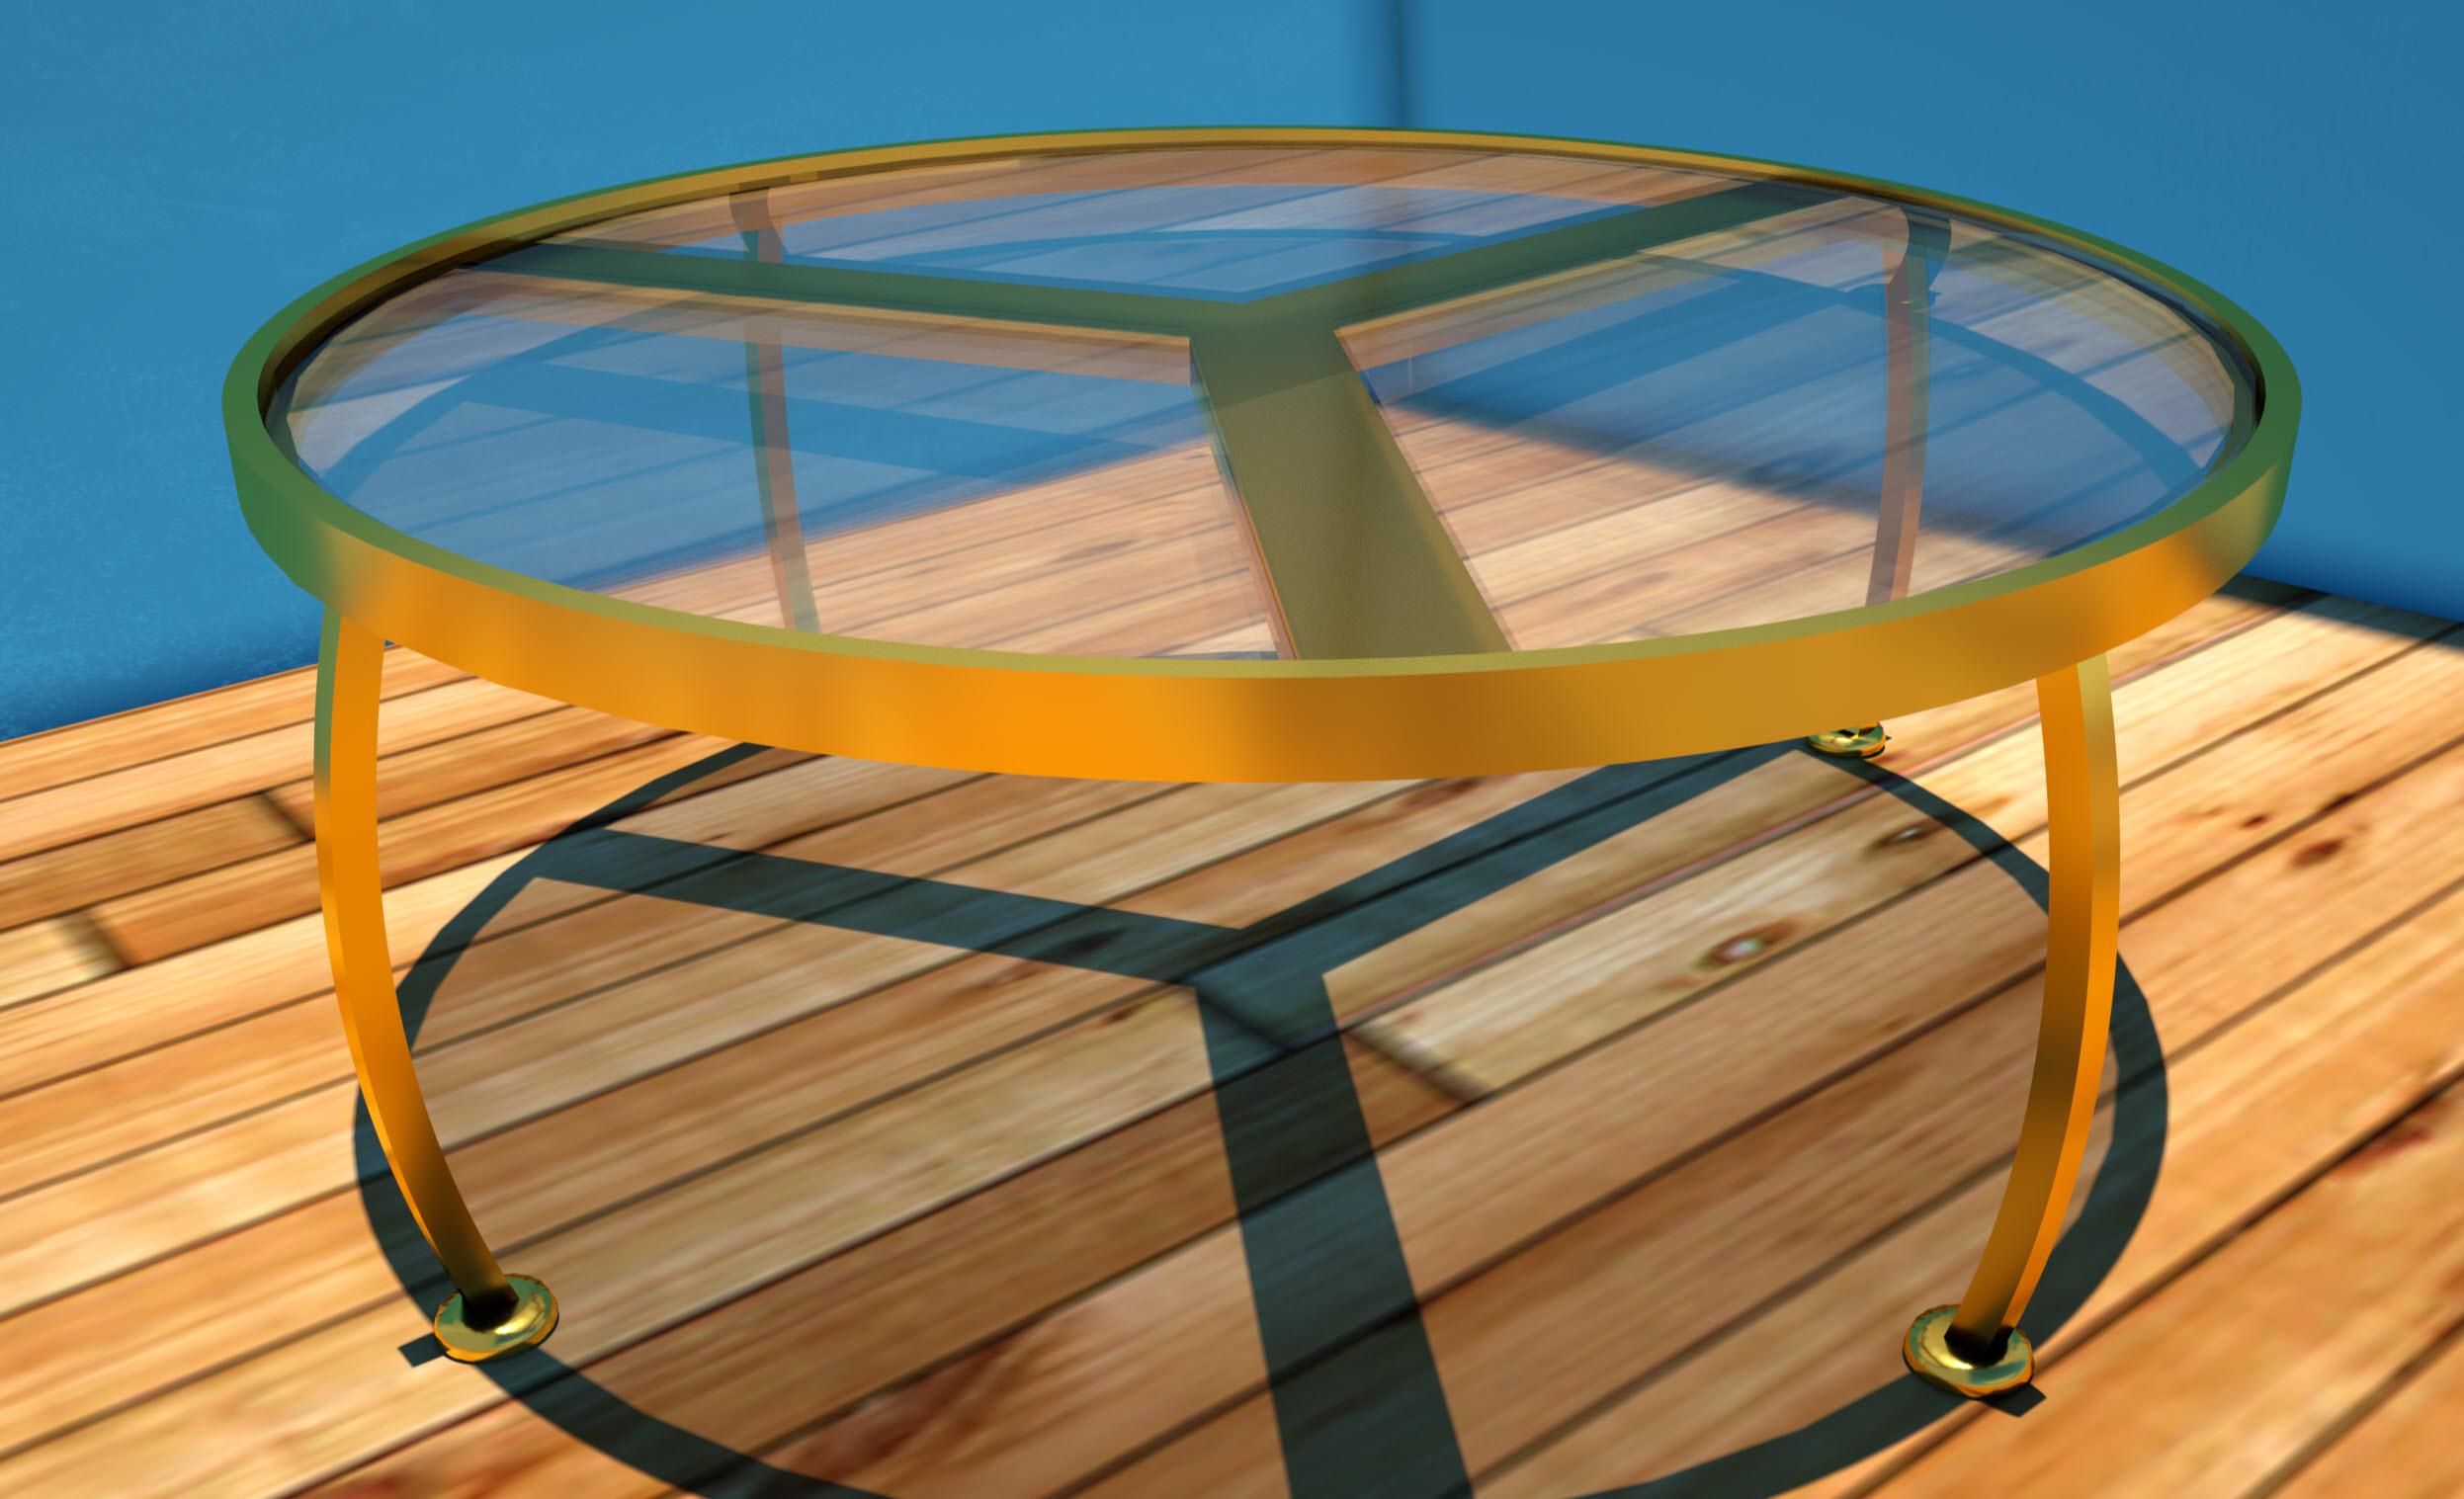 3D Tutorials Blog | BuzzKing com